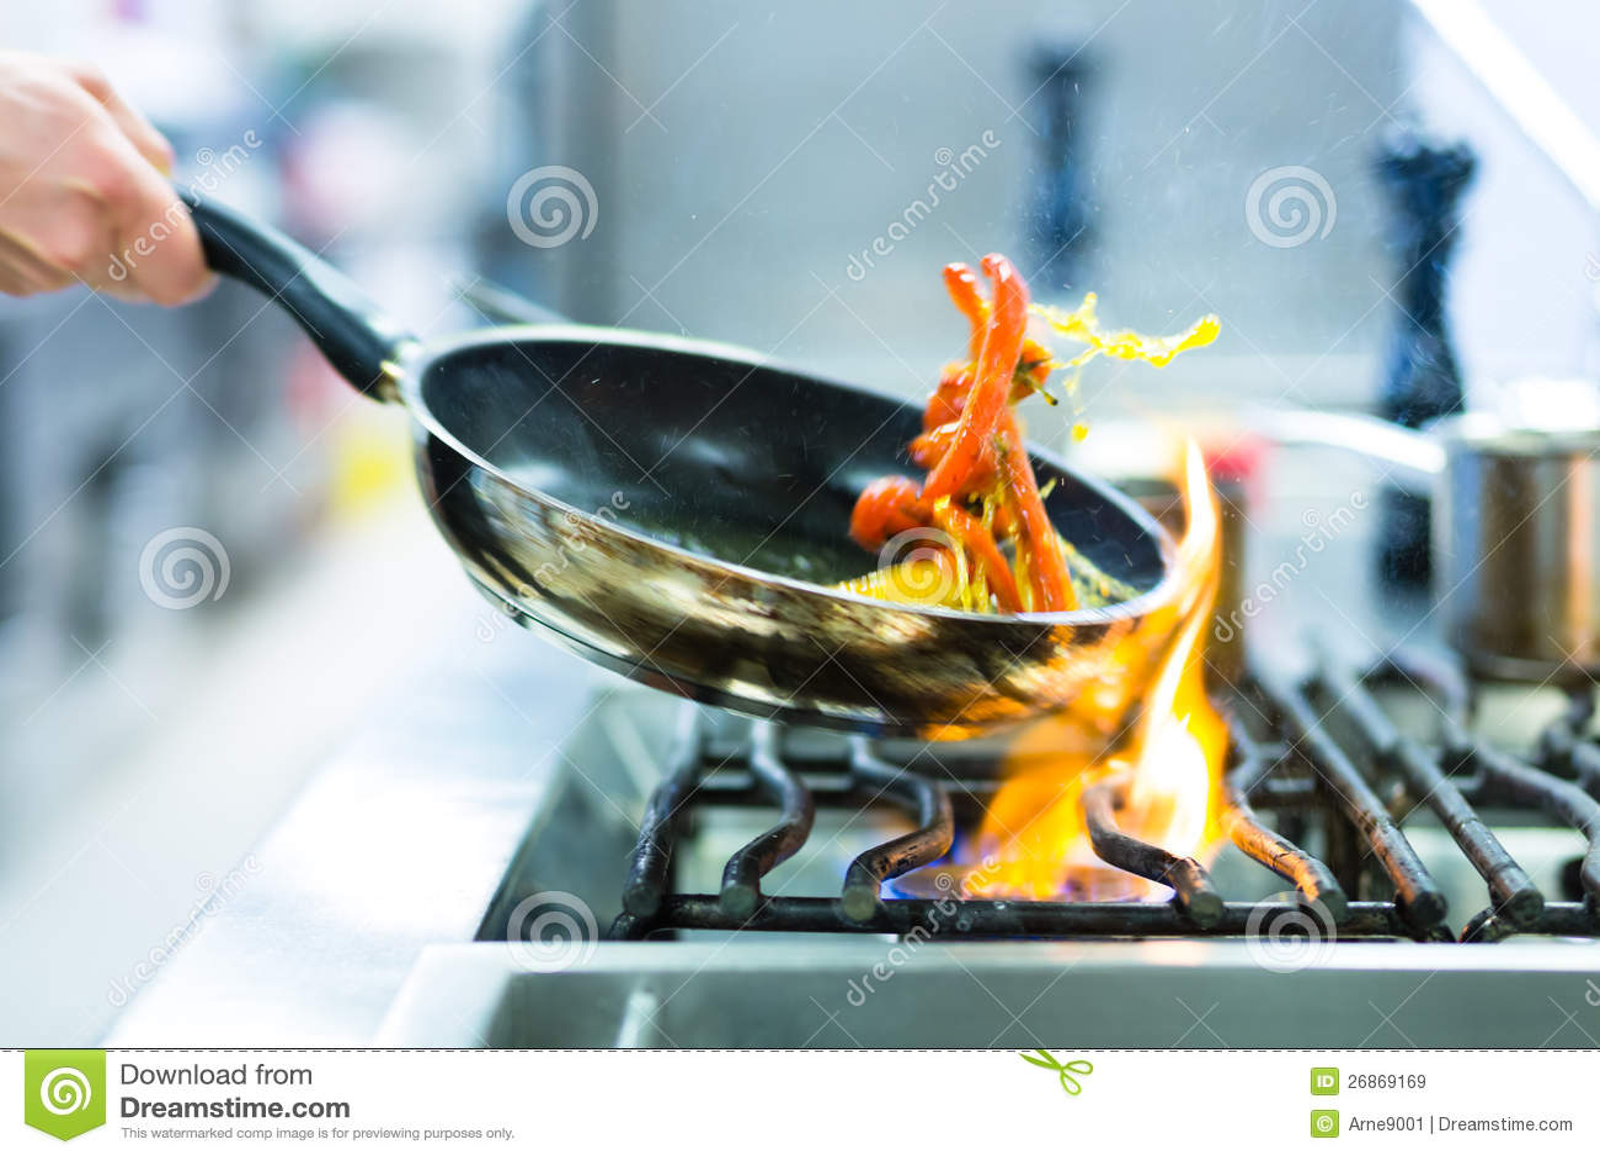 Cocinero en cocina del restaurante en la estufa con la cacerola